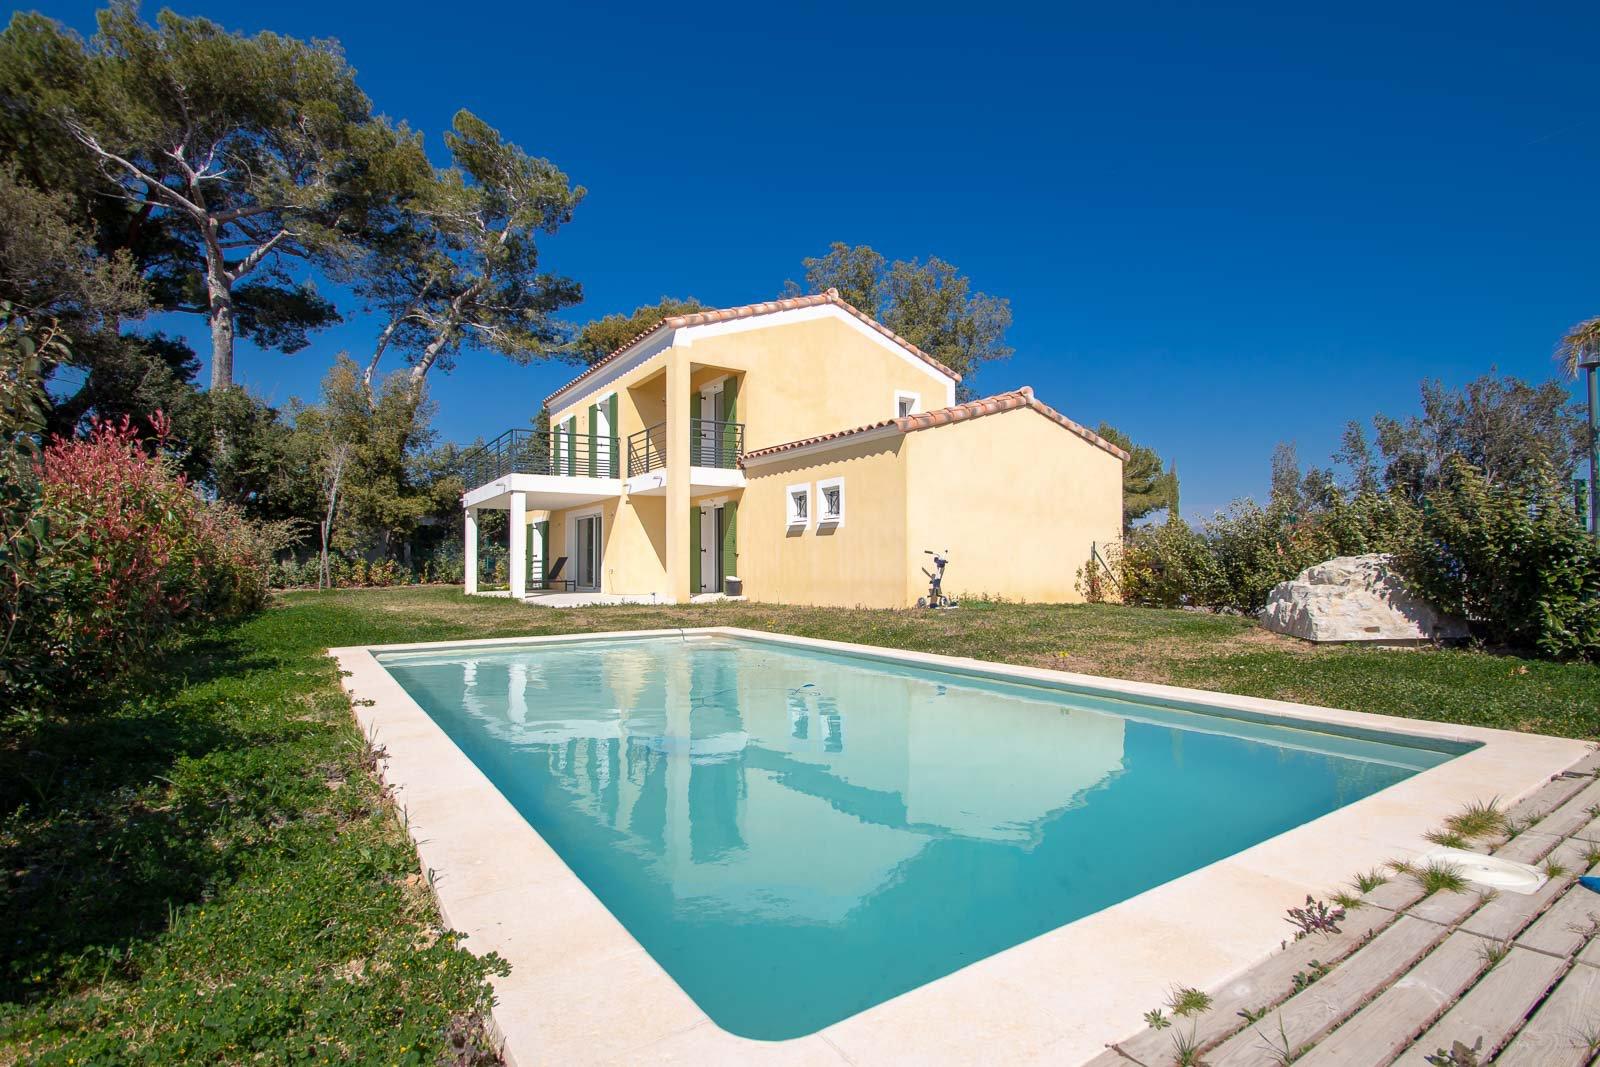 Villa BIOT - Near Sophia 4 P - 120 m²